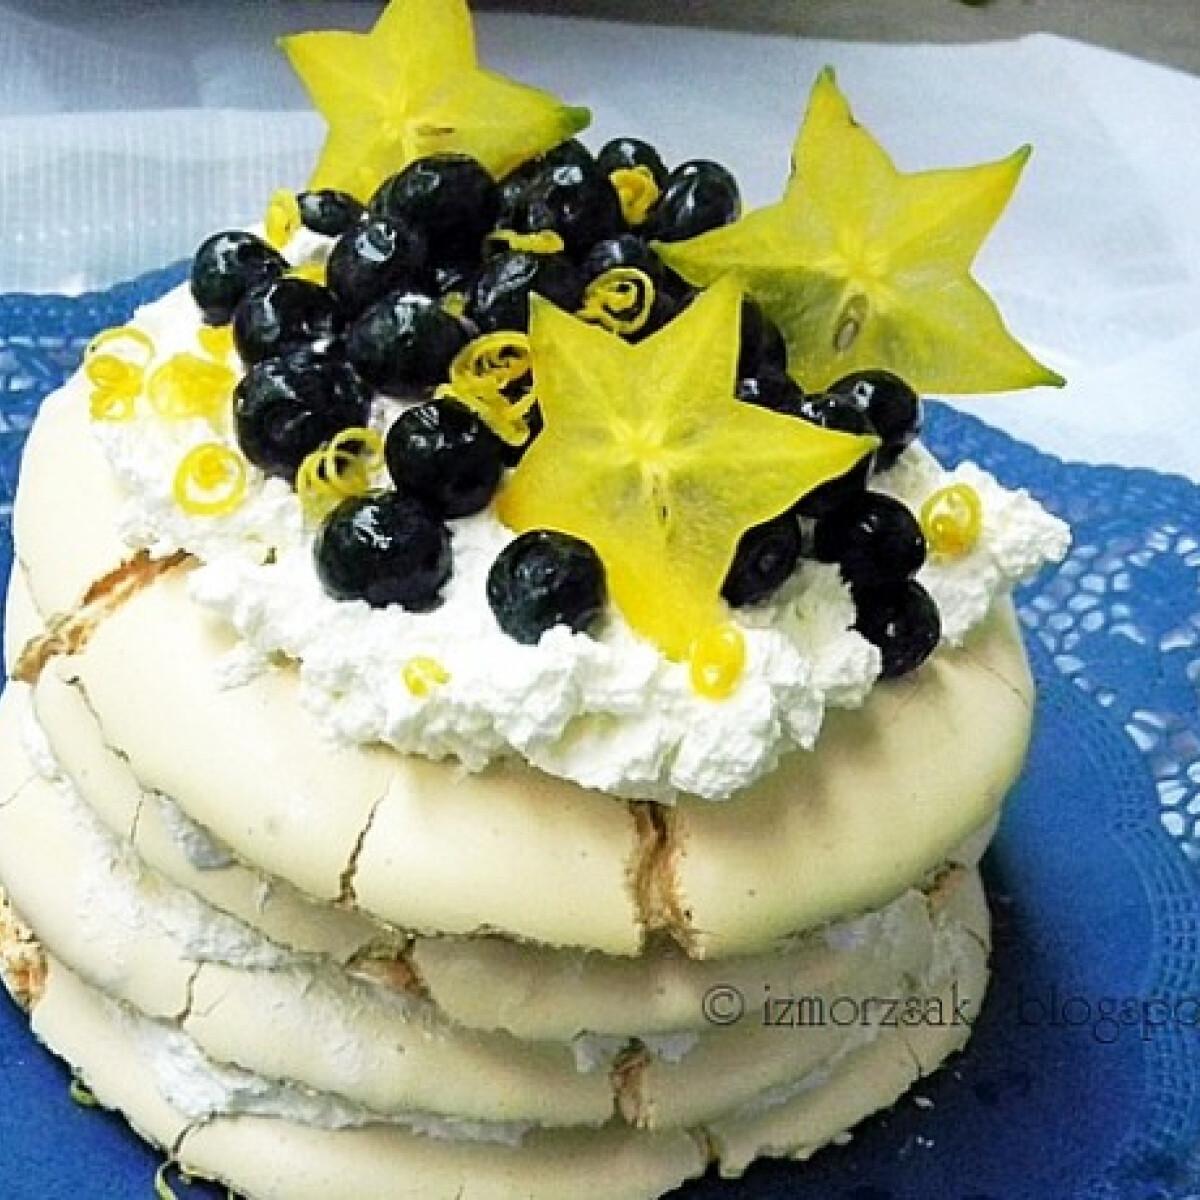 Ezen a képen: Emeletes - majdnem - Pavlova torta